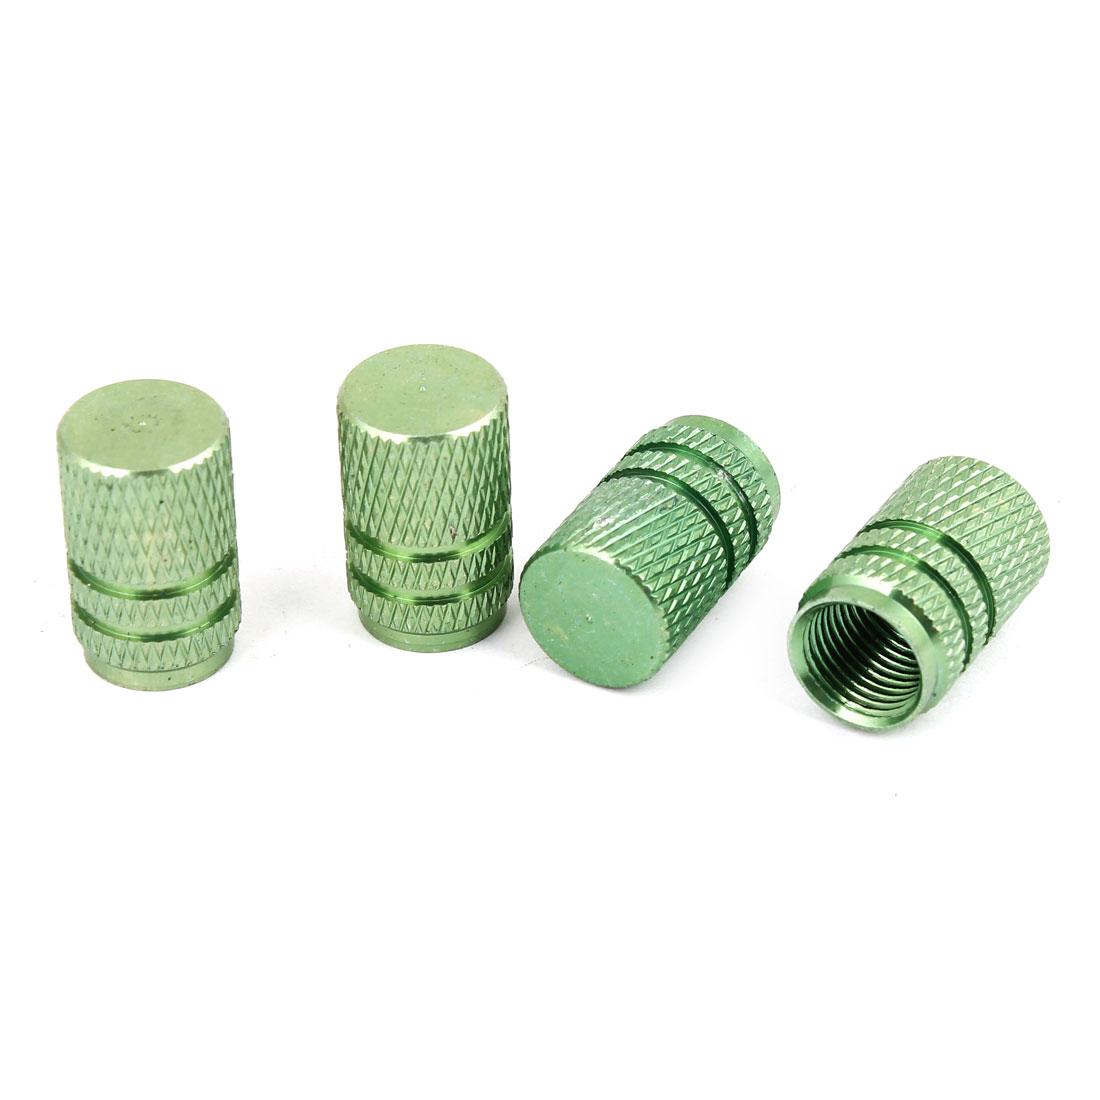 4PCS Green Cylinder Shaped Aluminum Alloy Tire Valve Caps Protectors for Car